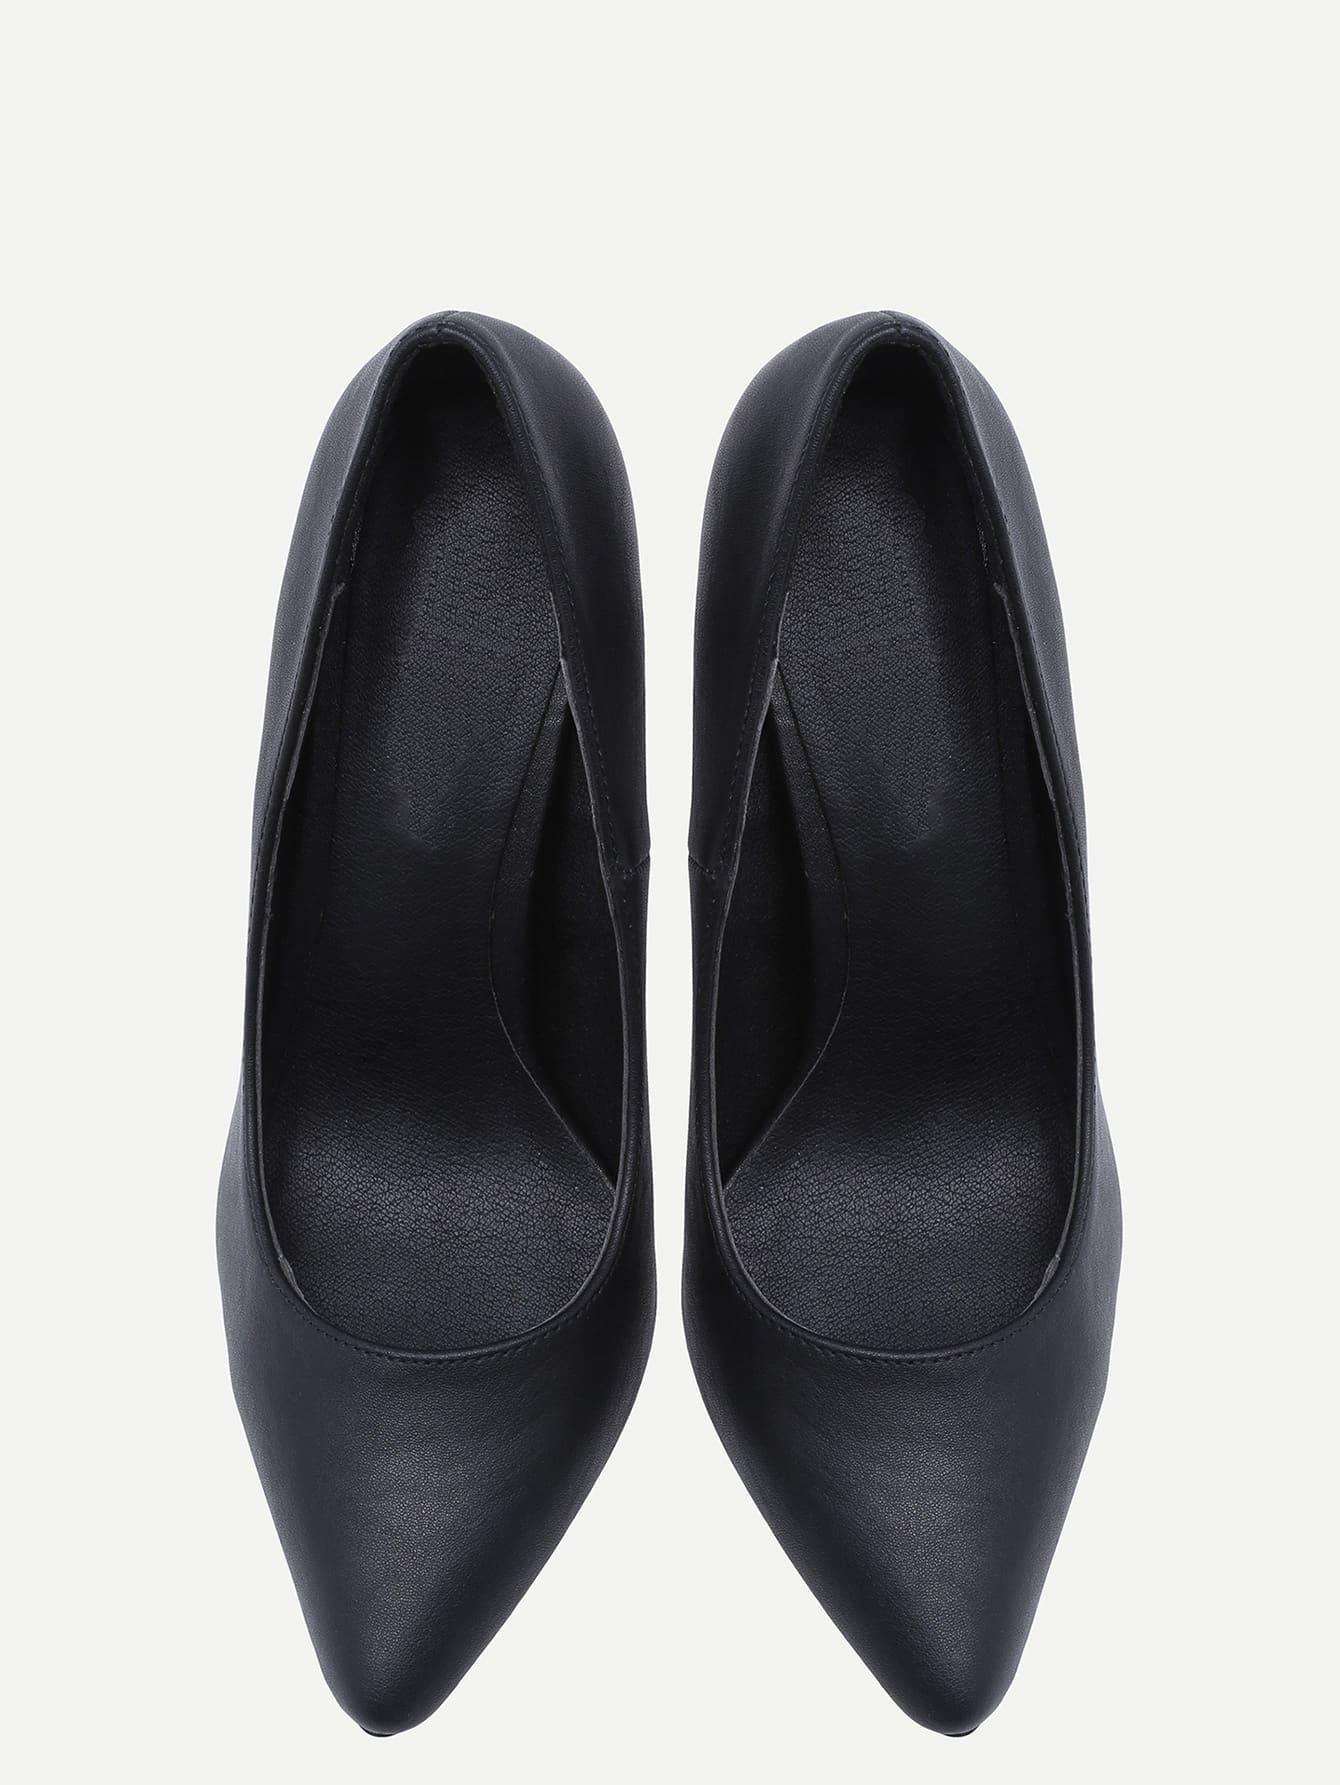 shoes16081718_2